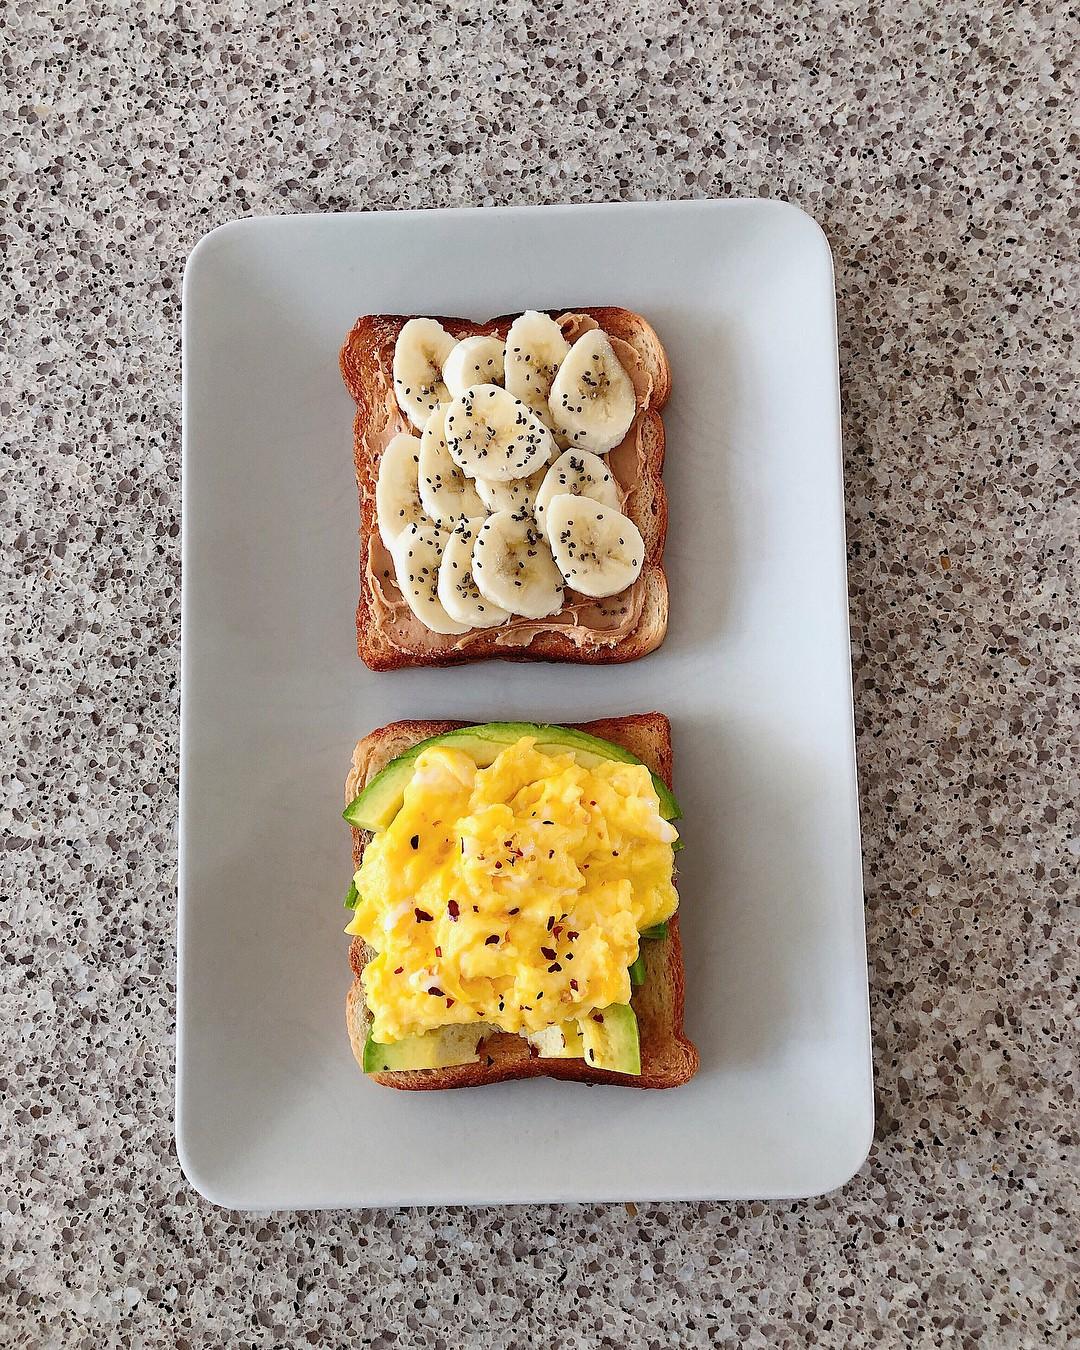 Học theo thực đơn bữa sáng nhanh gọn với quả bơ của Hà Tăng để giúp giữ dáng, đẹp da  - Ảnh 3.